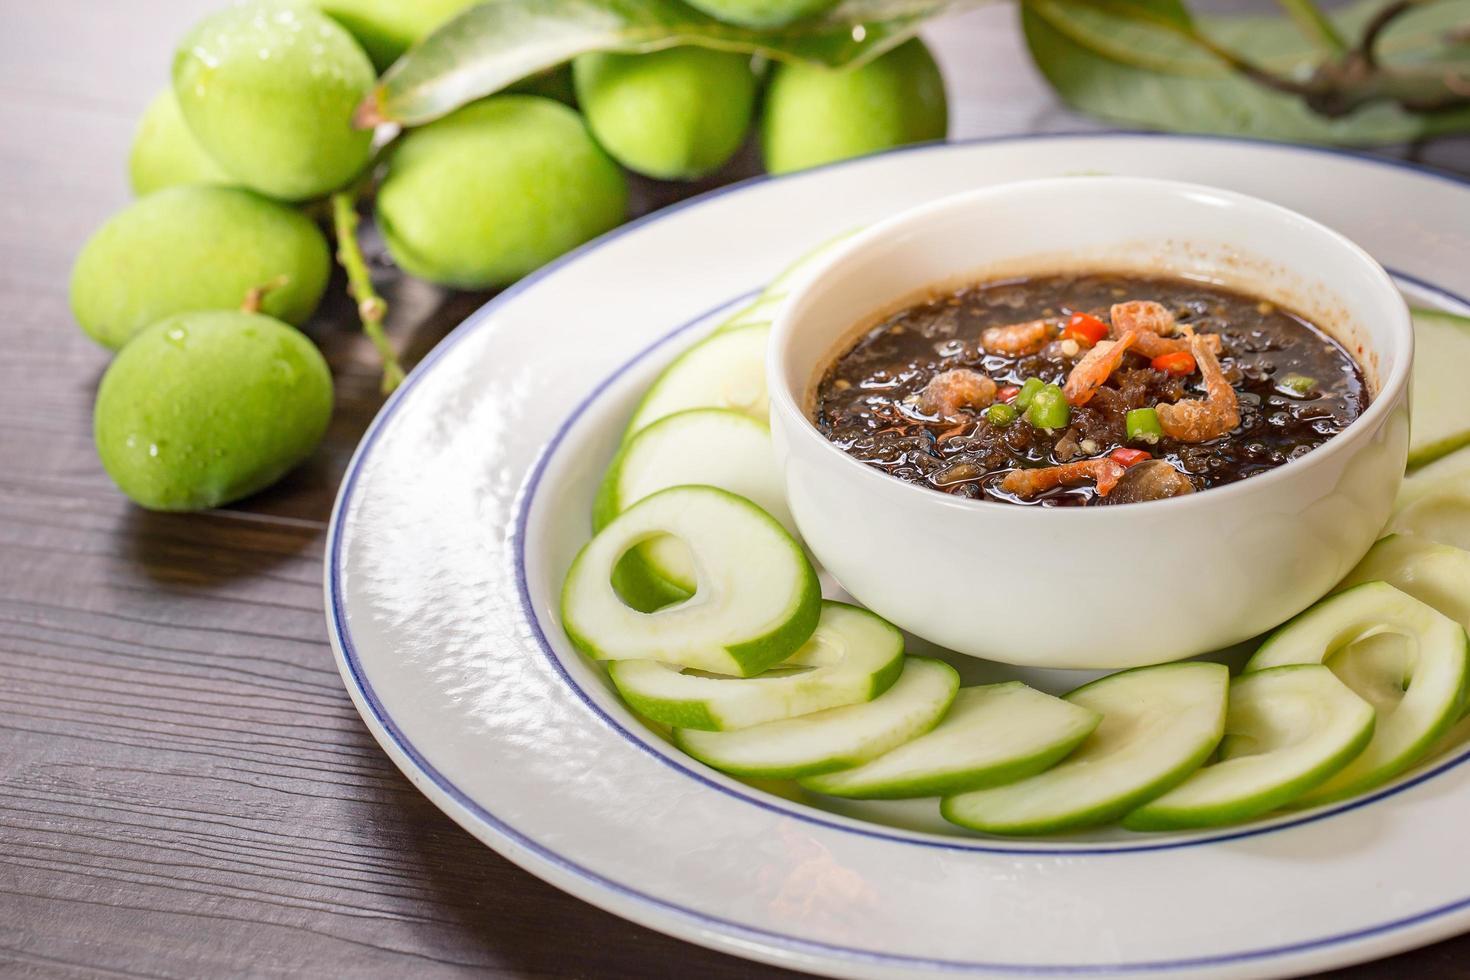 rå mango sur och söt sås blanda räkorpasta, thailändskt mellanmål i vit maträtt selektivt fokus foto